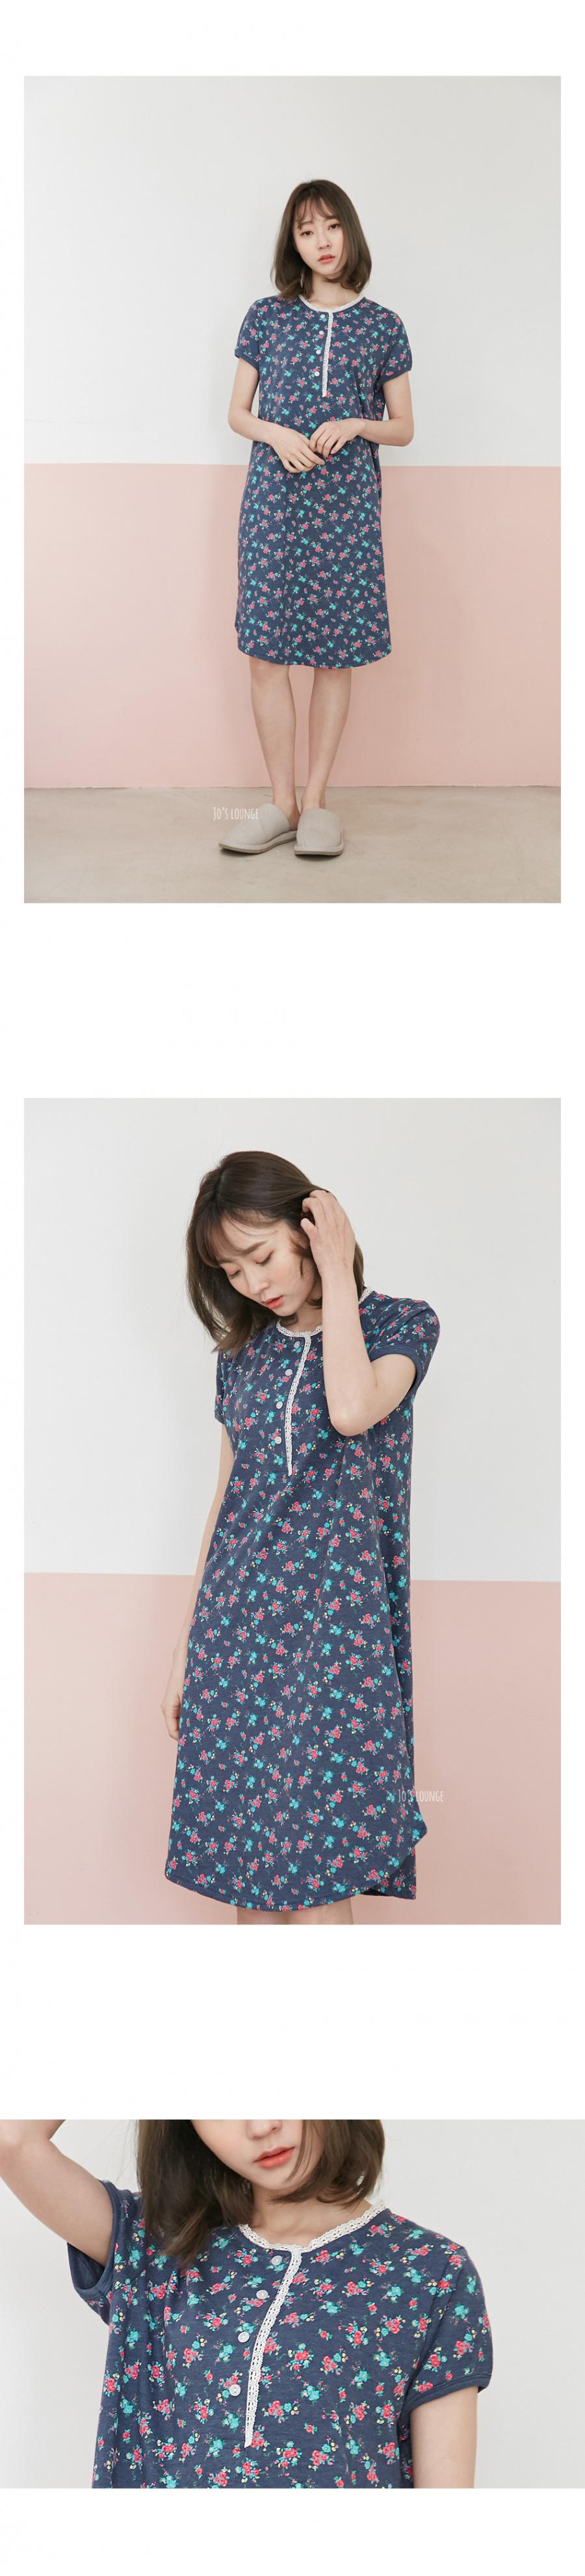 조스라운지(JOSLOUNGE) [여성] 데이지 반팔 원피스